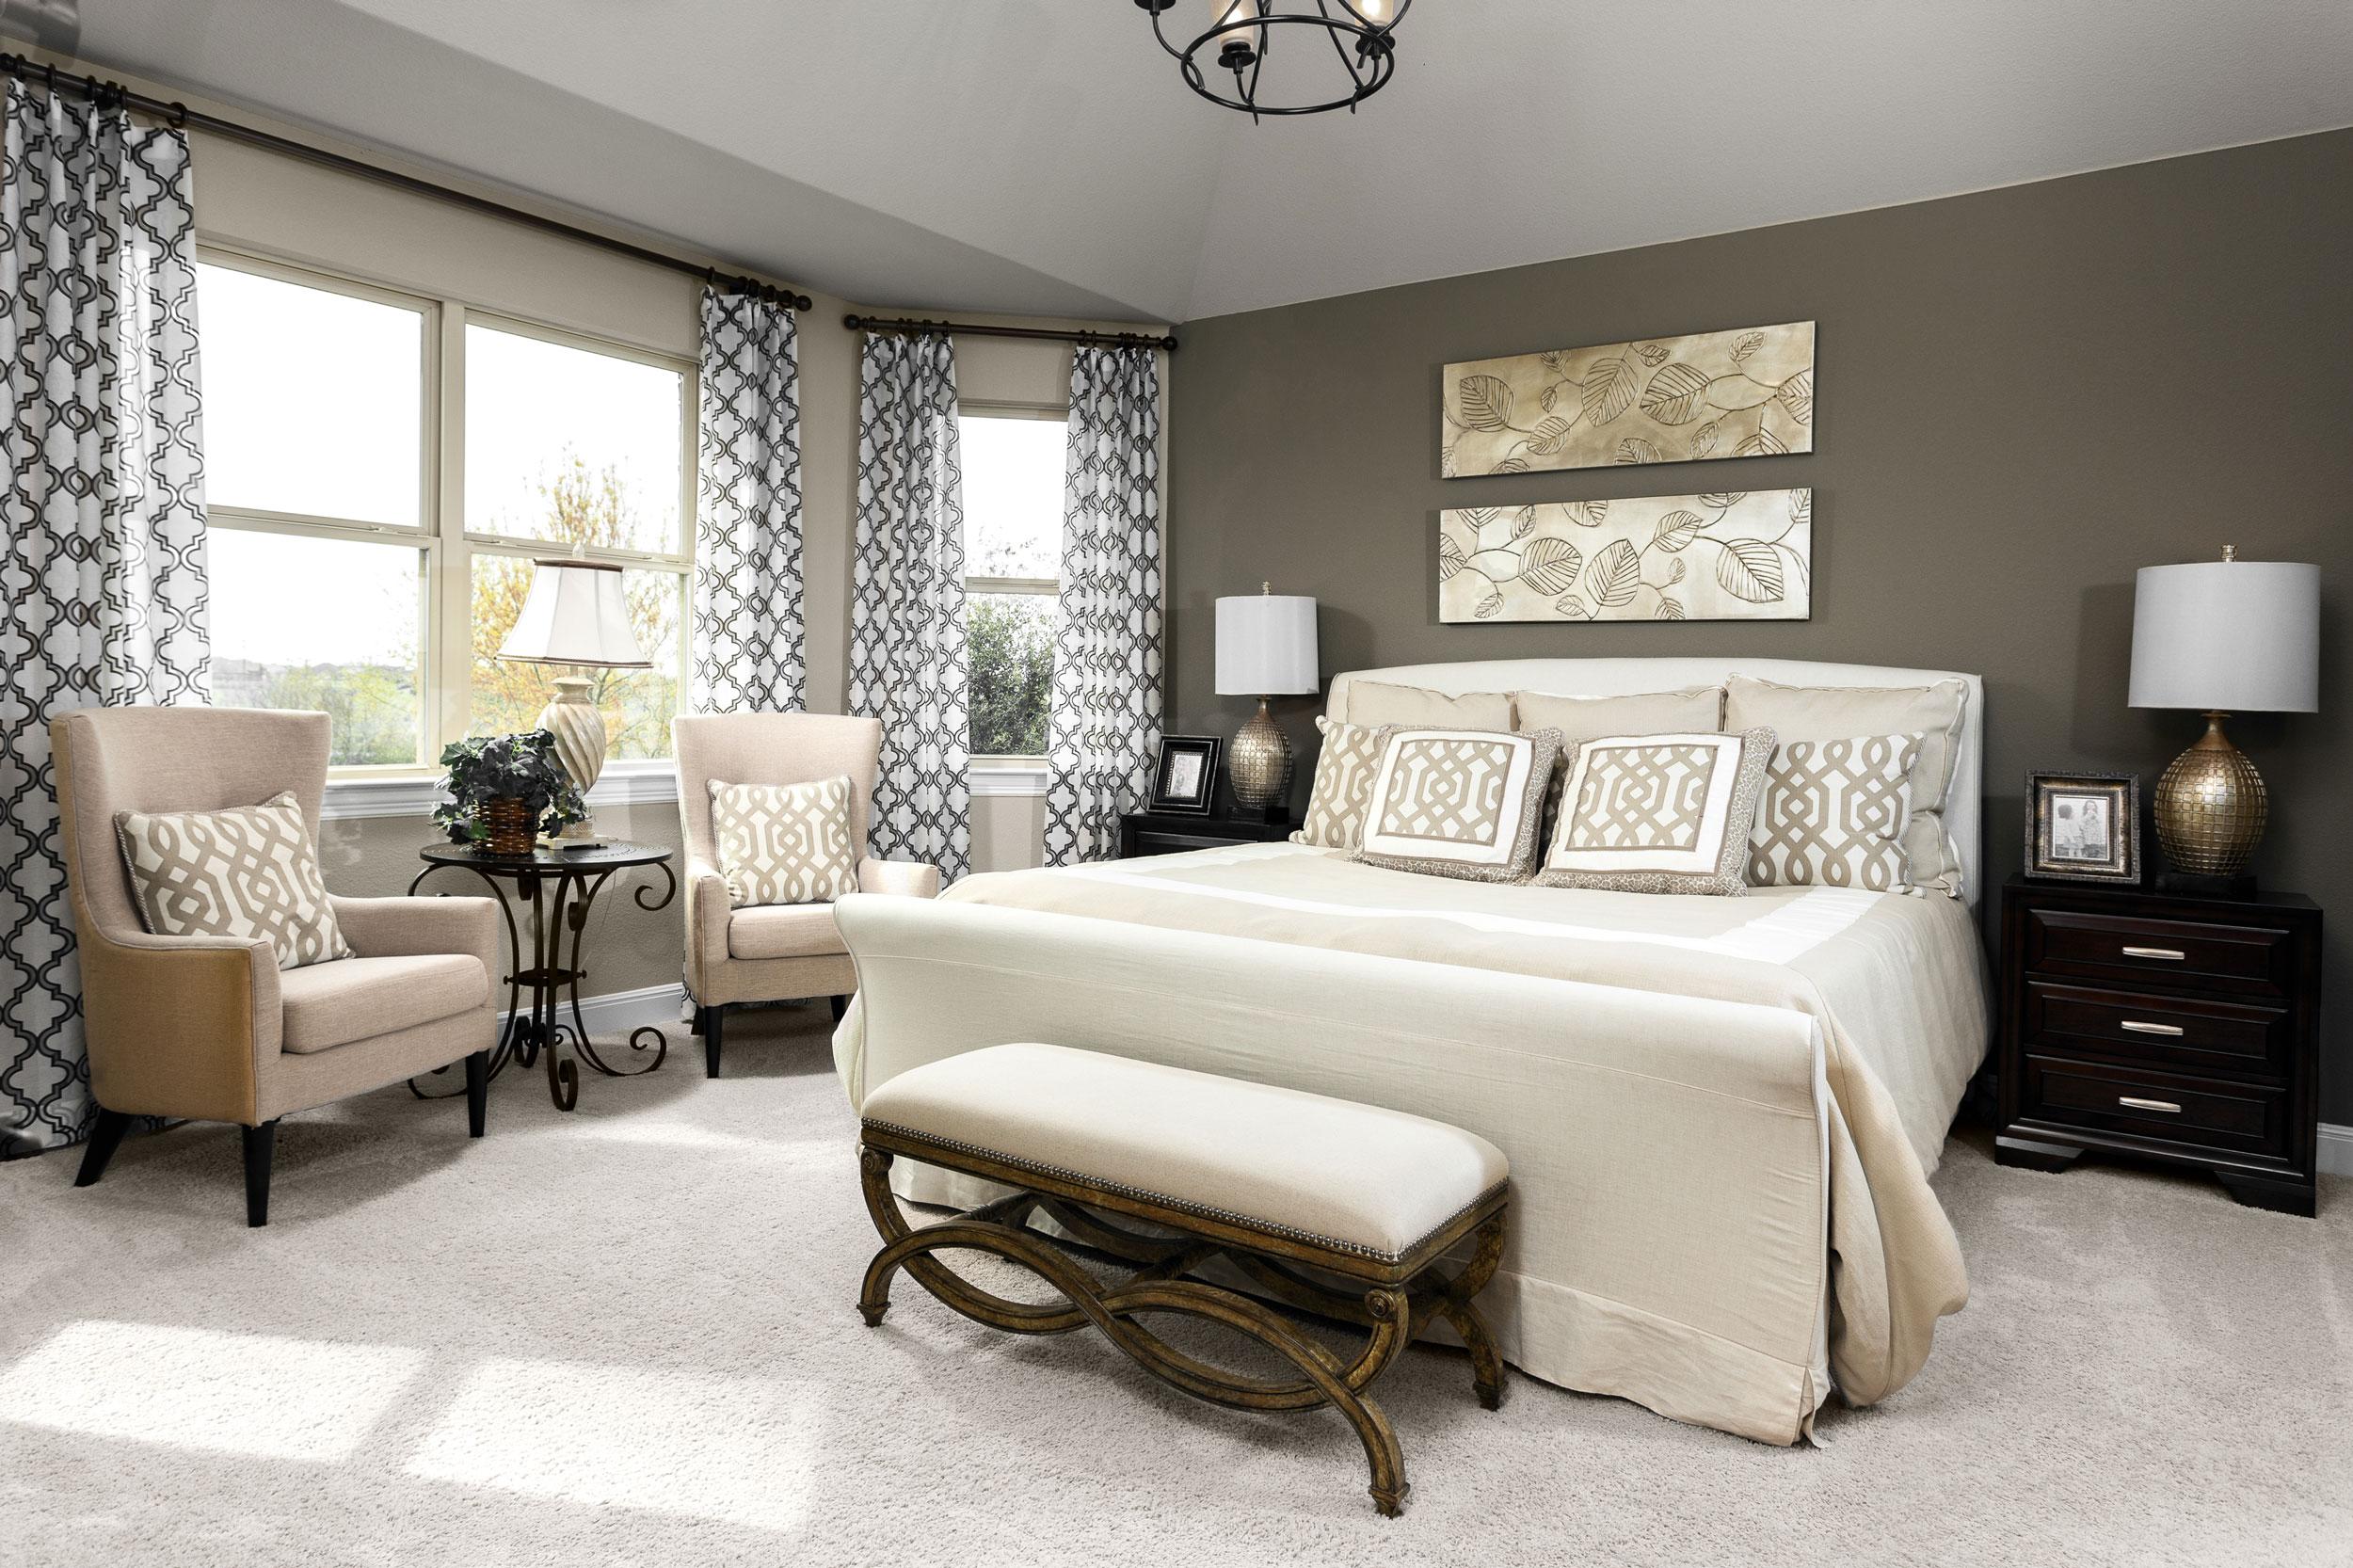 master-bedroom-design-brown-tones.jpg